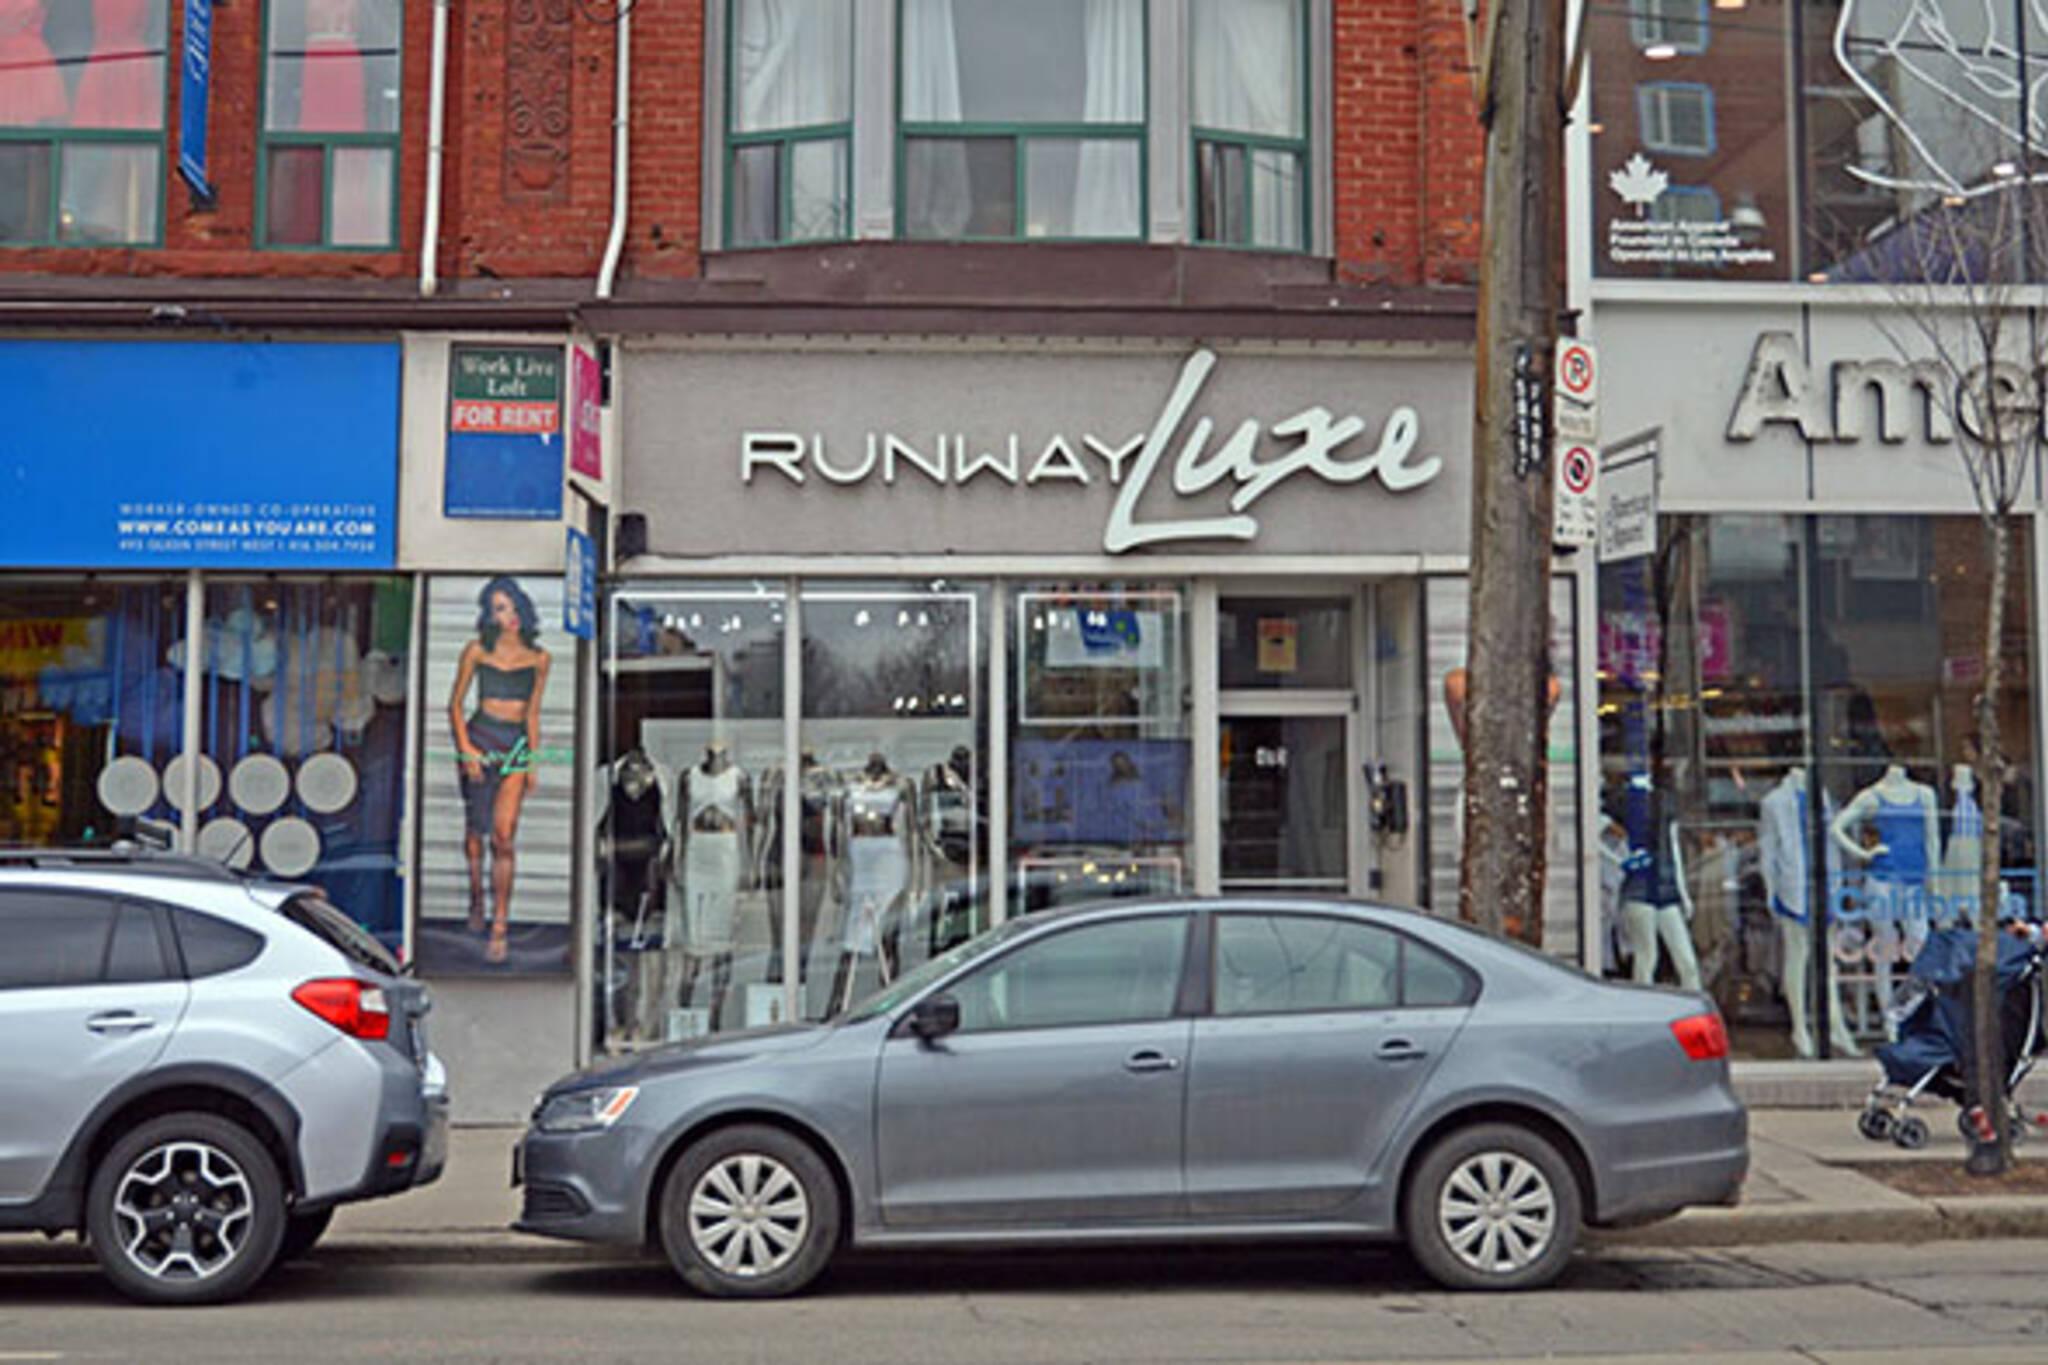 Runaway Luxe